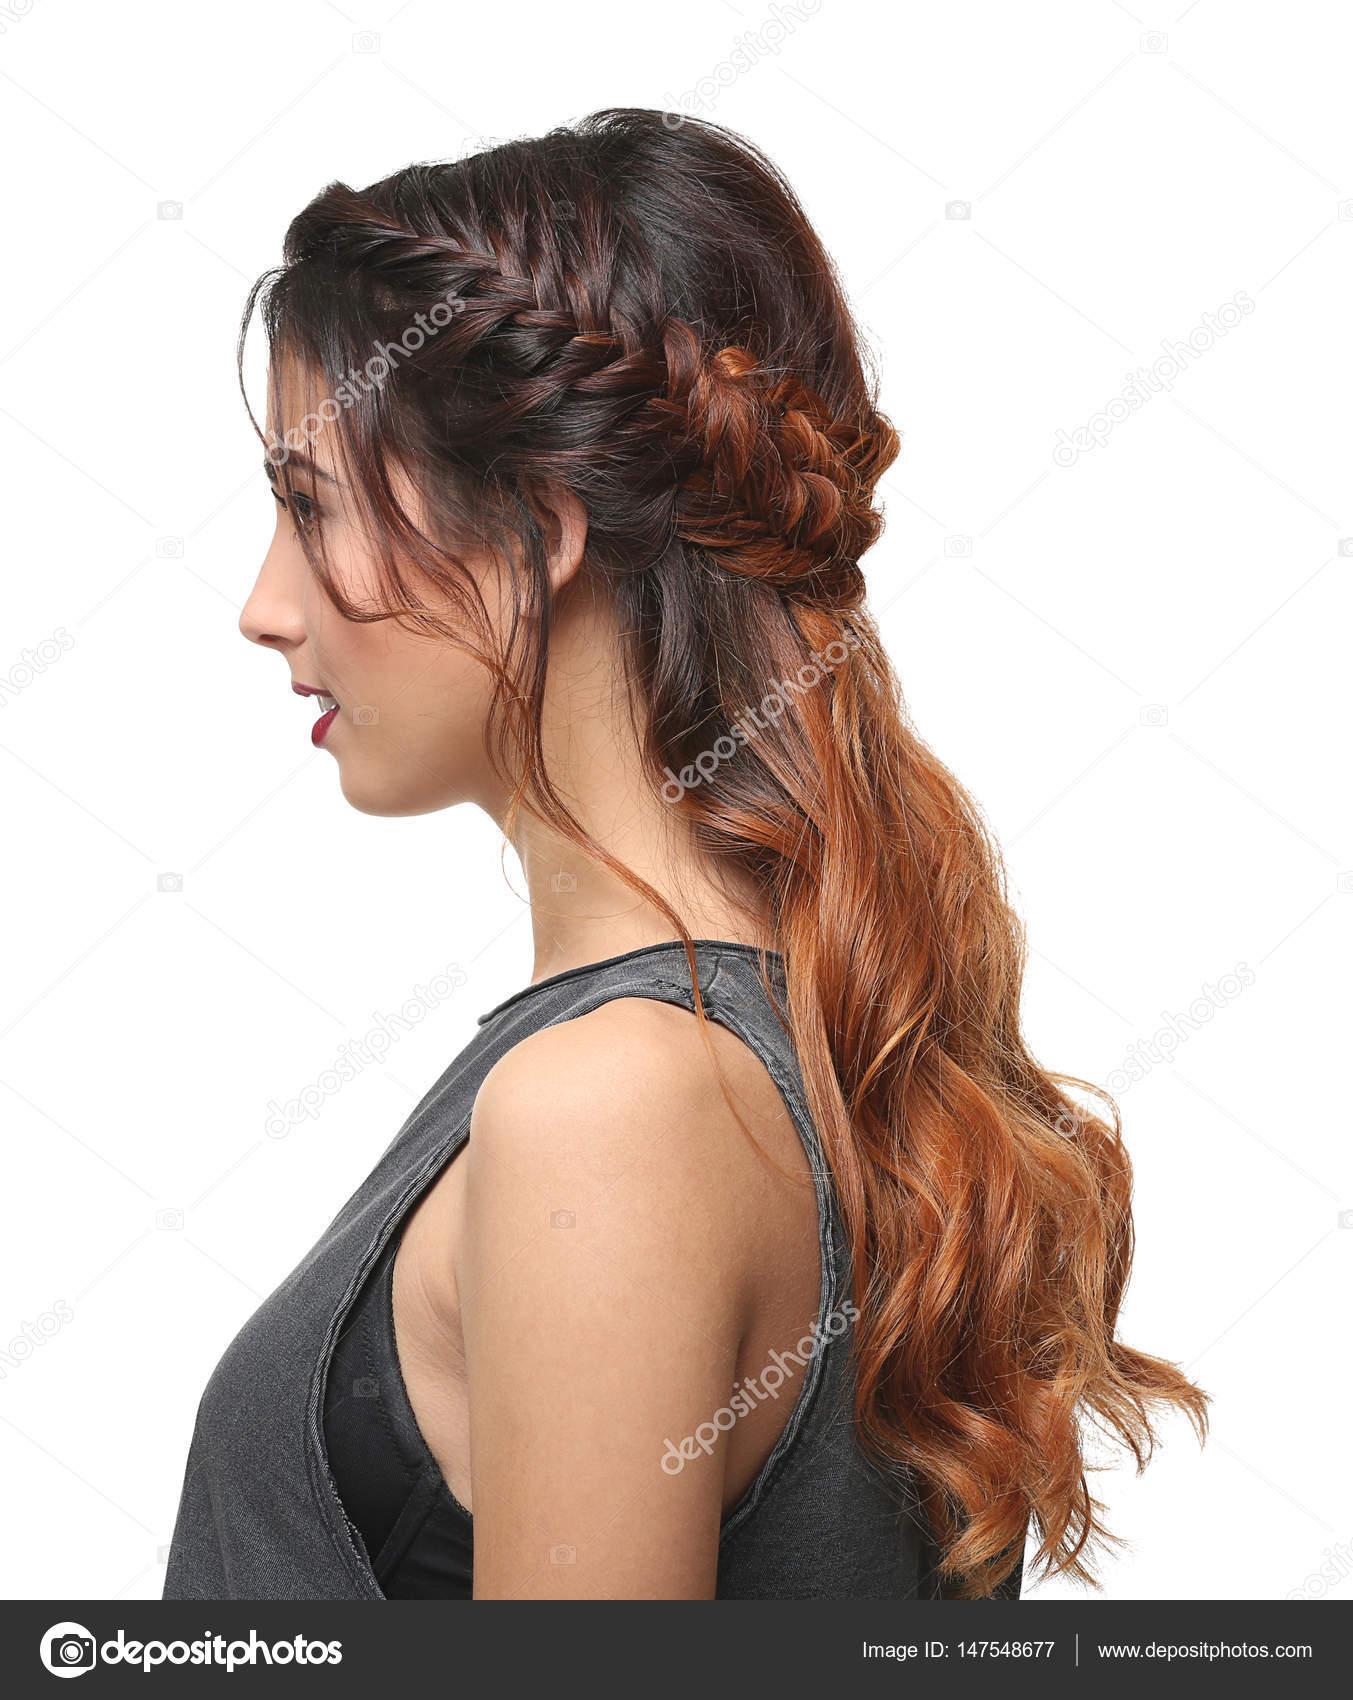 Fotos Peinados Modernos Mujer Con Peinado Moderno Foto De Stock